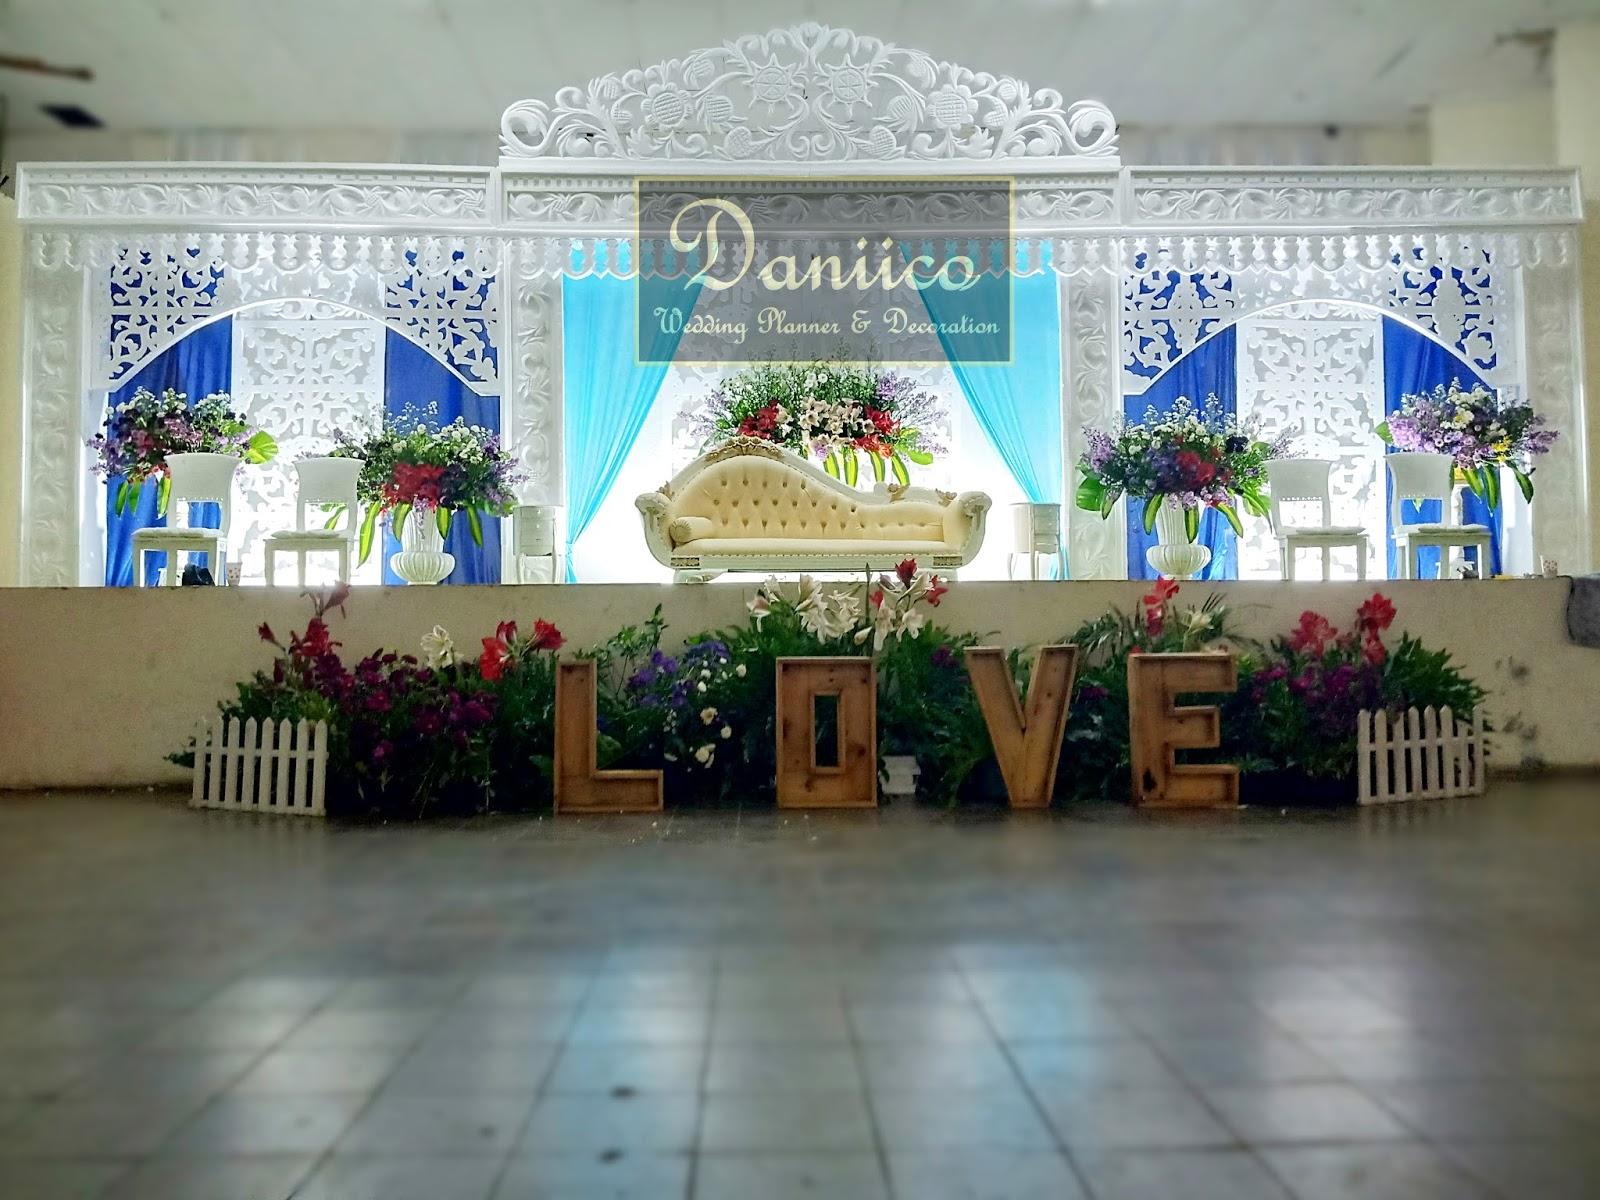 Harga Dekorasi Pernikahan Murah Di Semarang Bisa Costum